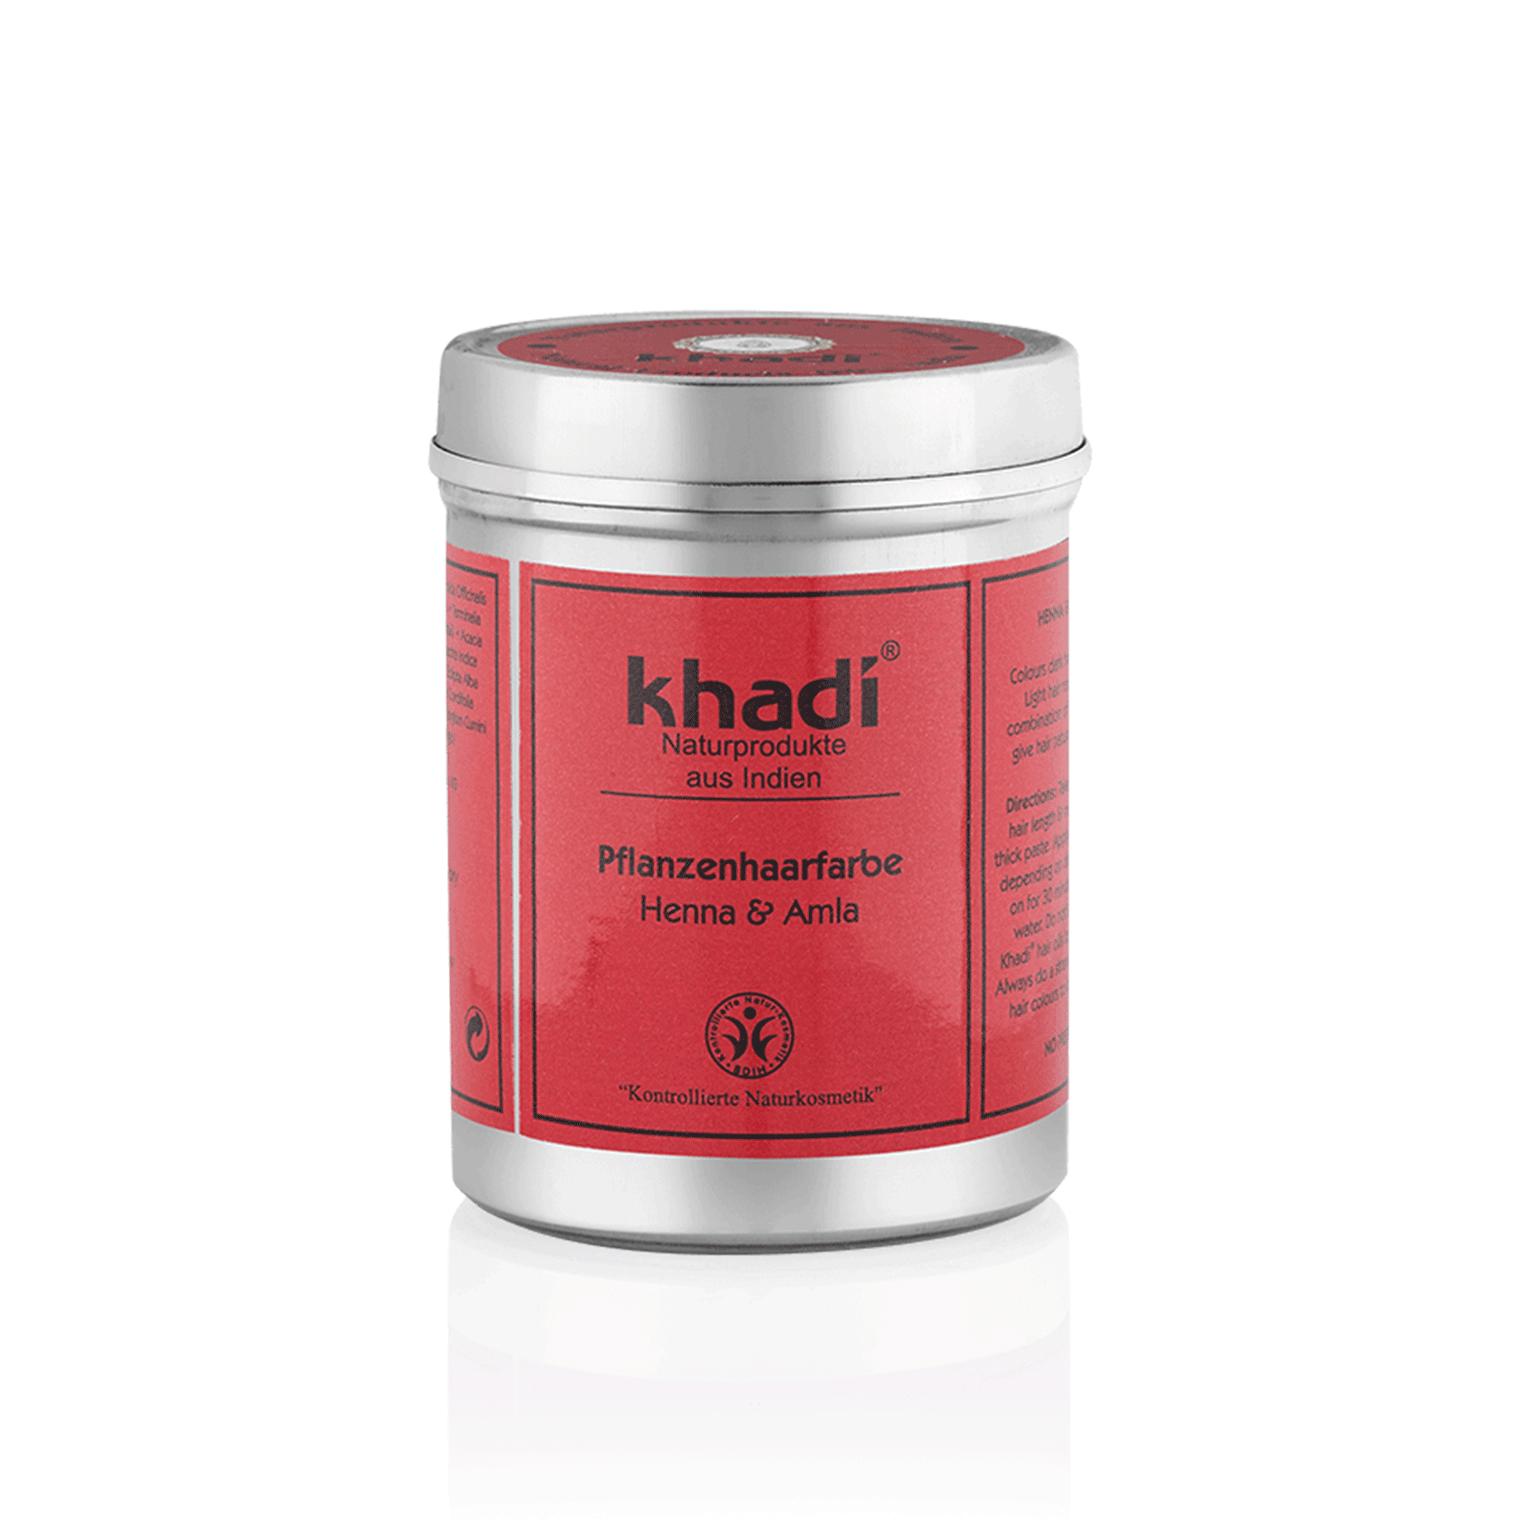 Khadi Natural Haircare (W) henna do włosów z Amlą kasztanowo-miedziany brąz 100g